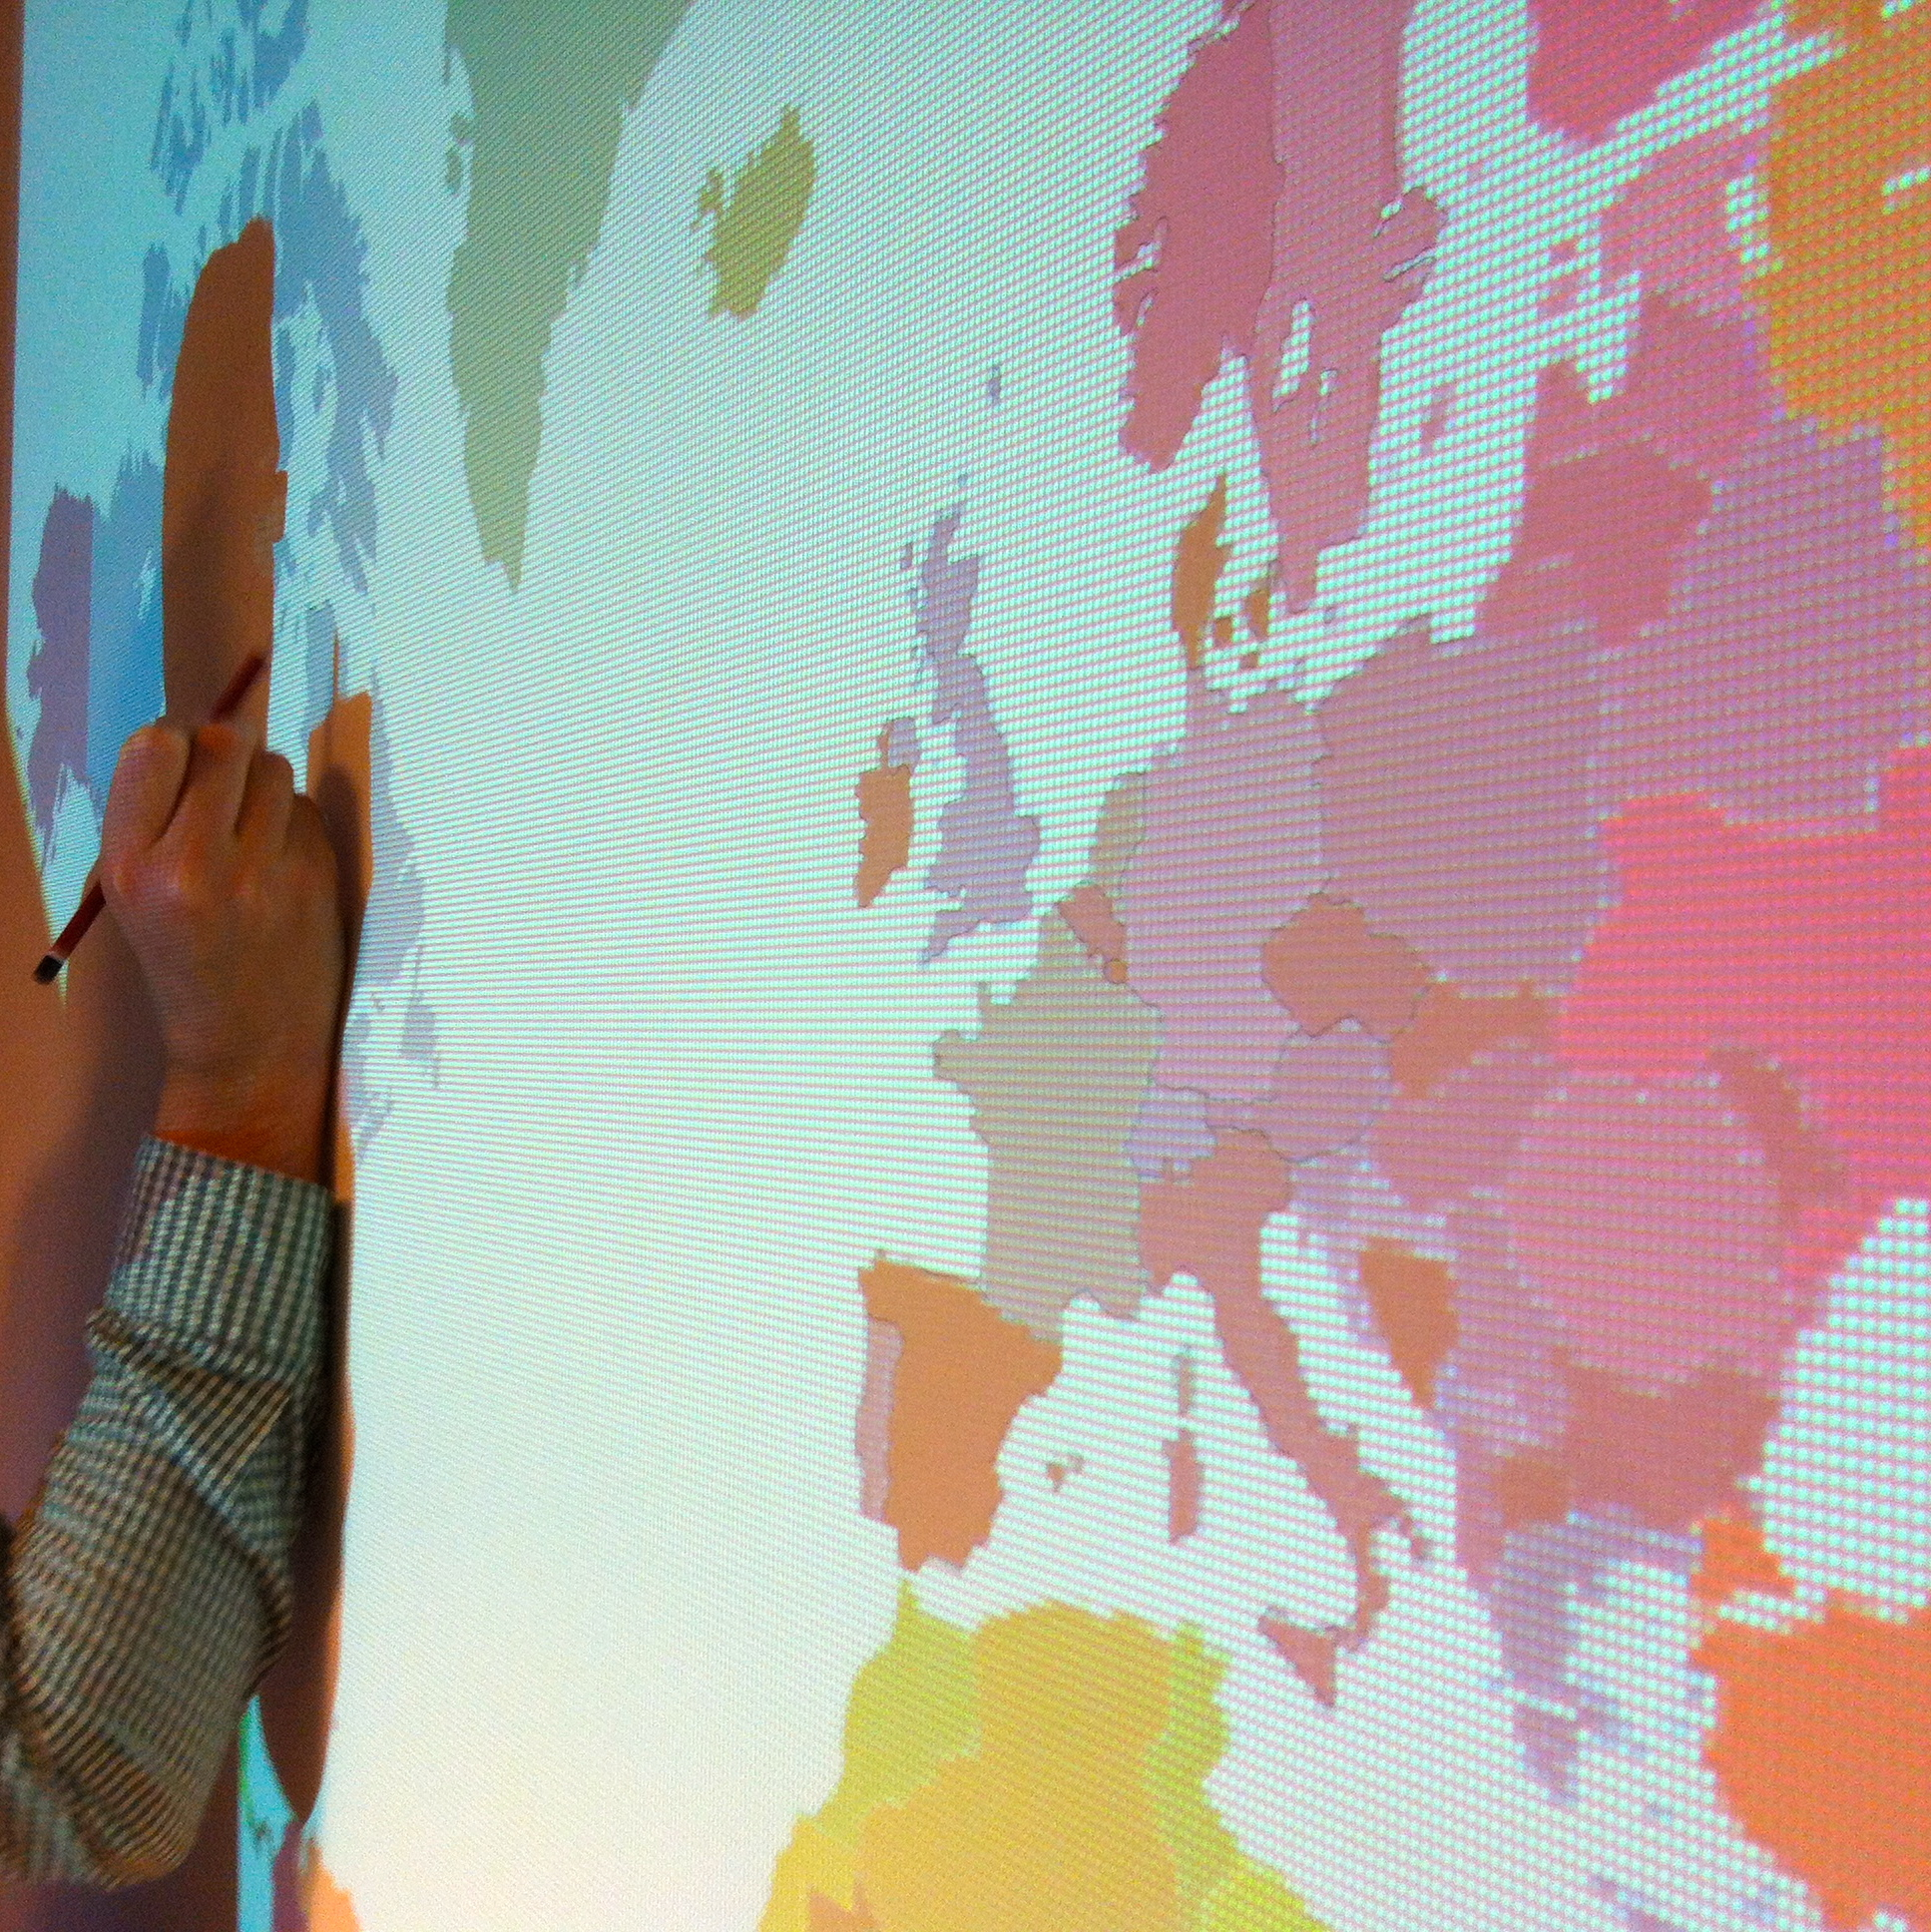 Deco Murale Mappemonde destiné diy #6 - une mappemonde murale | pierre papier ciseaux